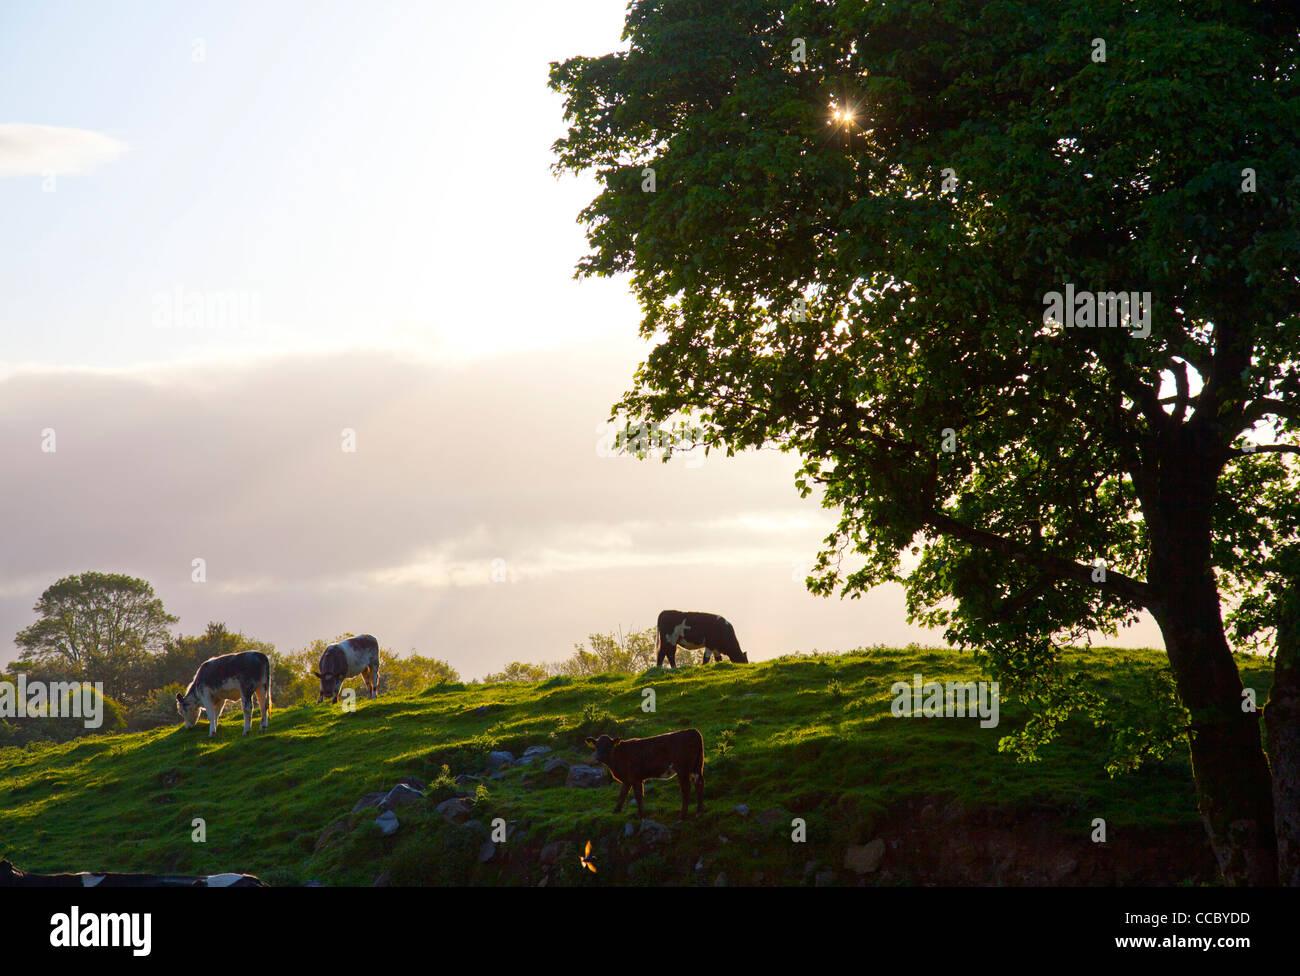 Di sera il pascolo di bestiame in un campo della contea di Mayo, Irlanda. Immagini Stock